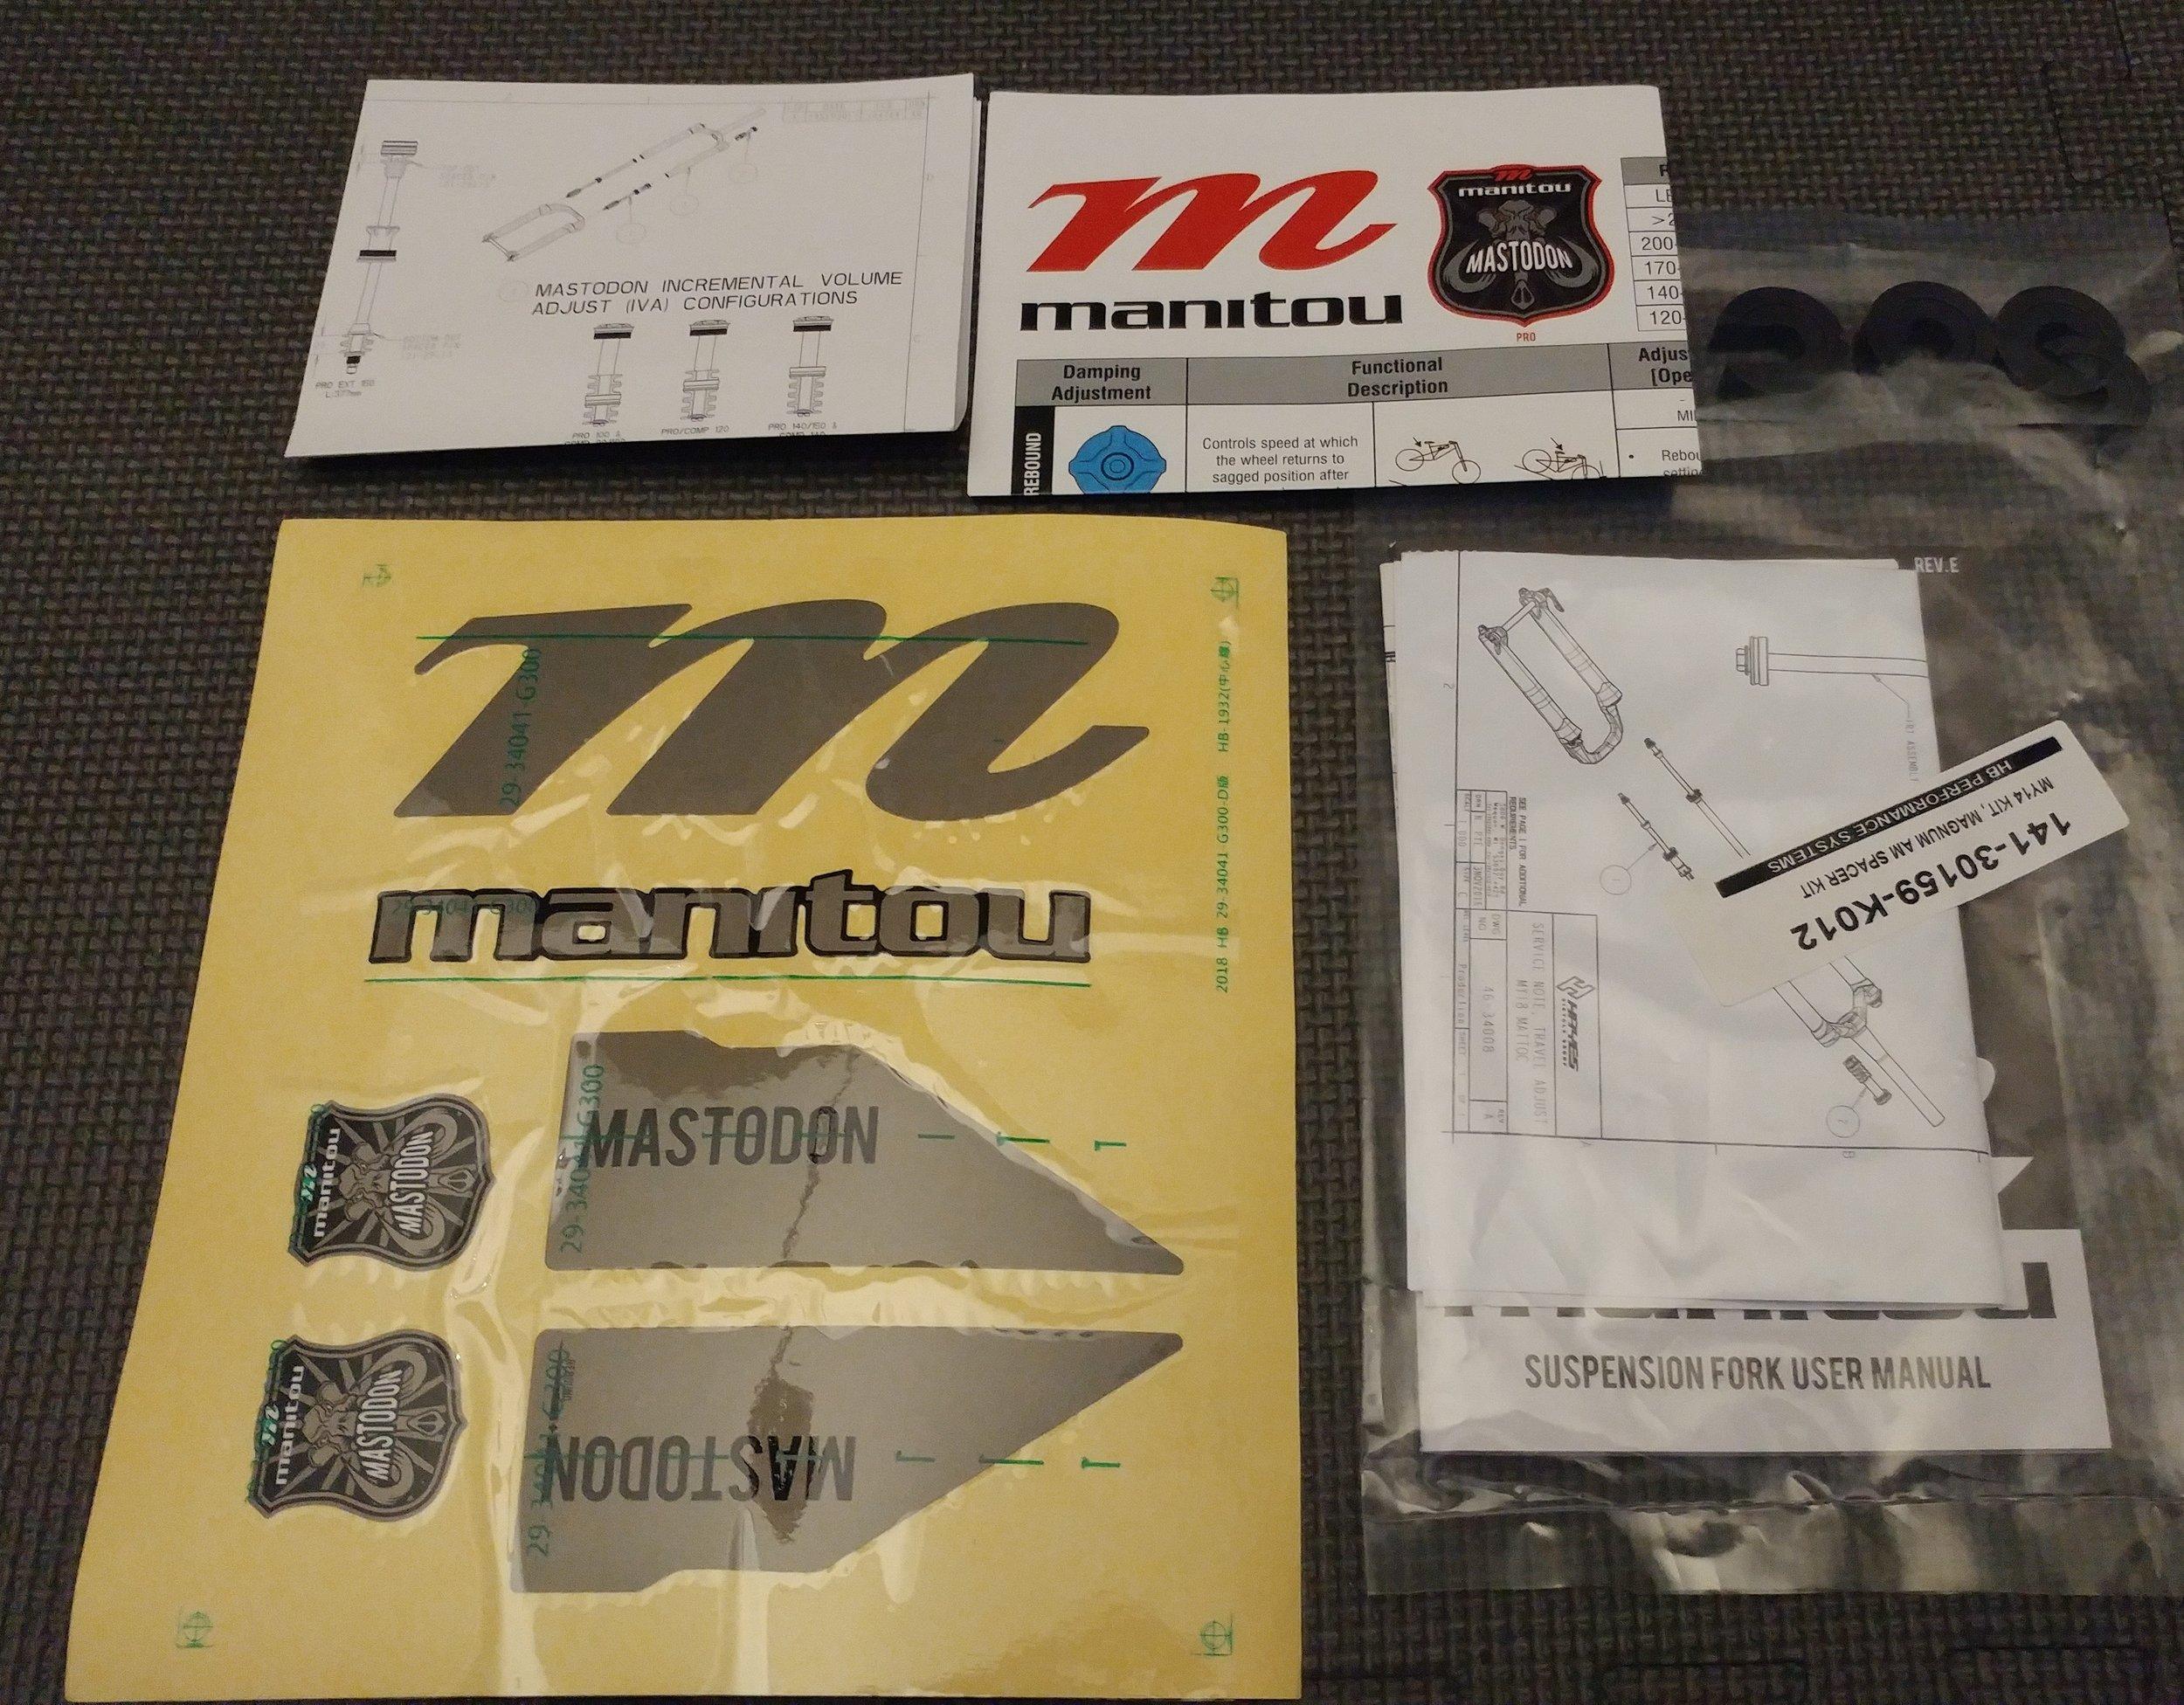 MASTODON - in the box